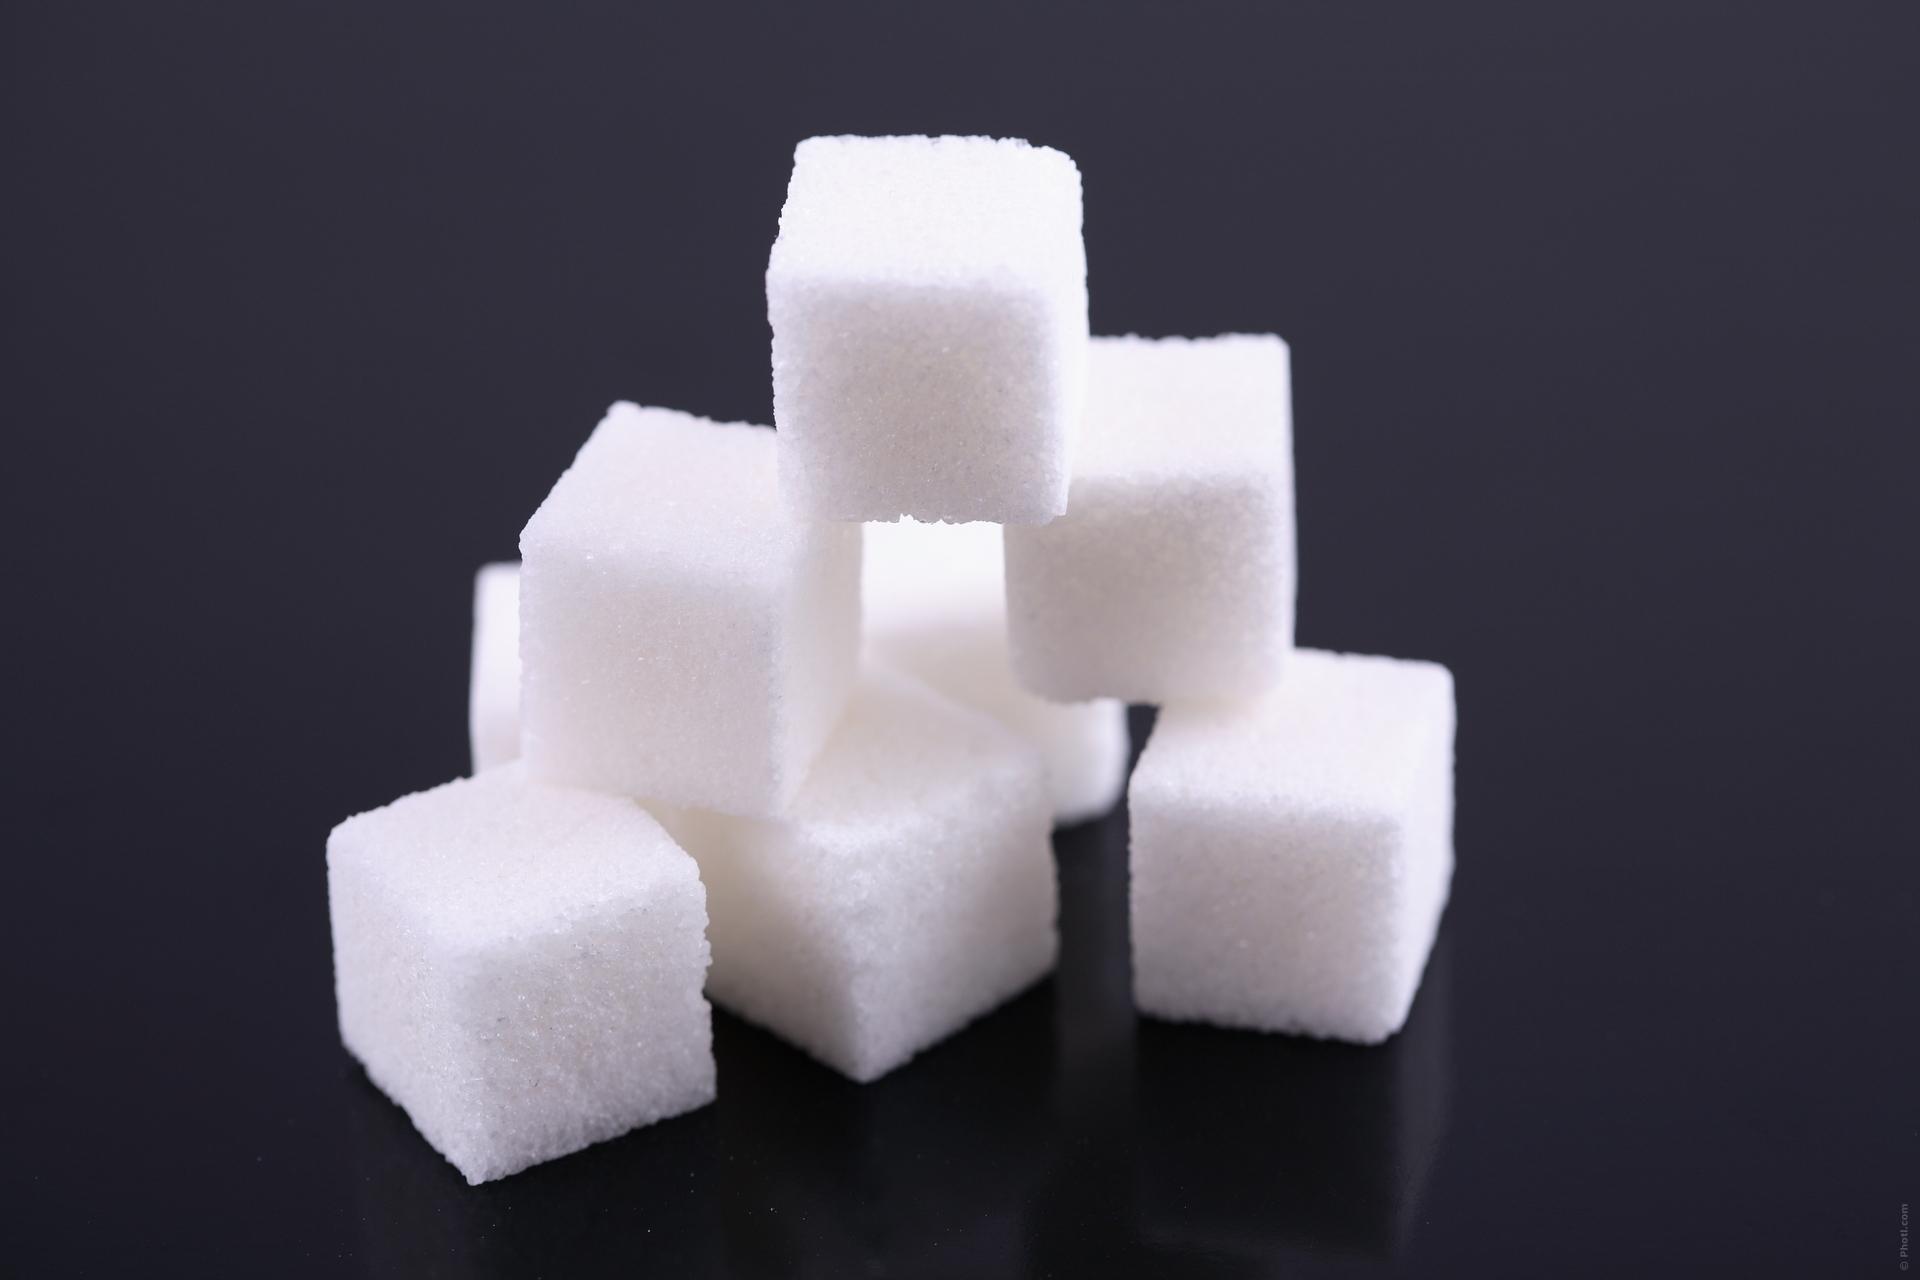 La production de sucre au Sénégal a quadruplé au 4e trimestre 2016